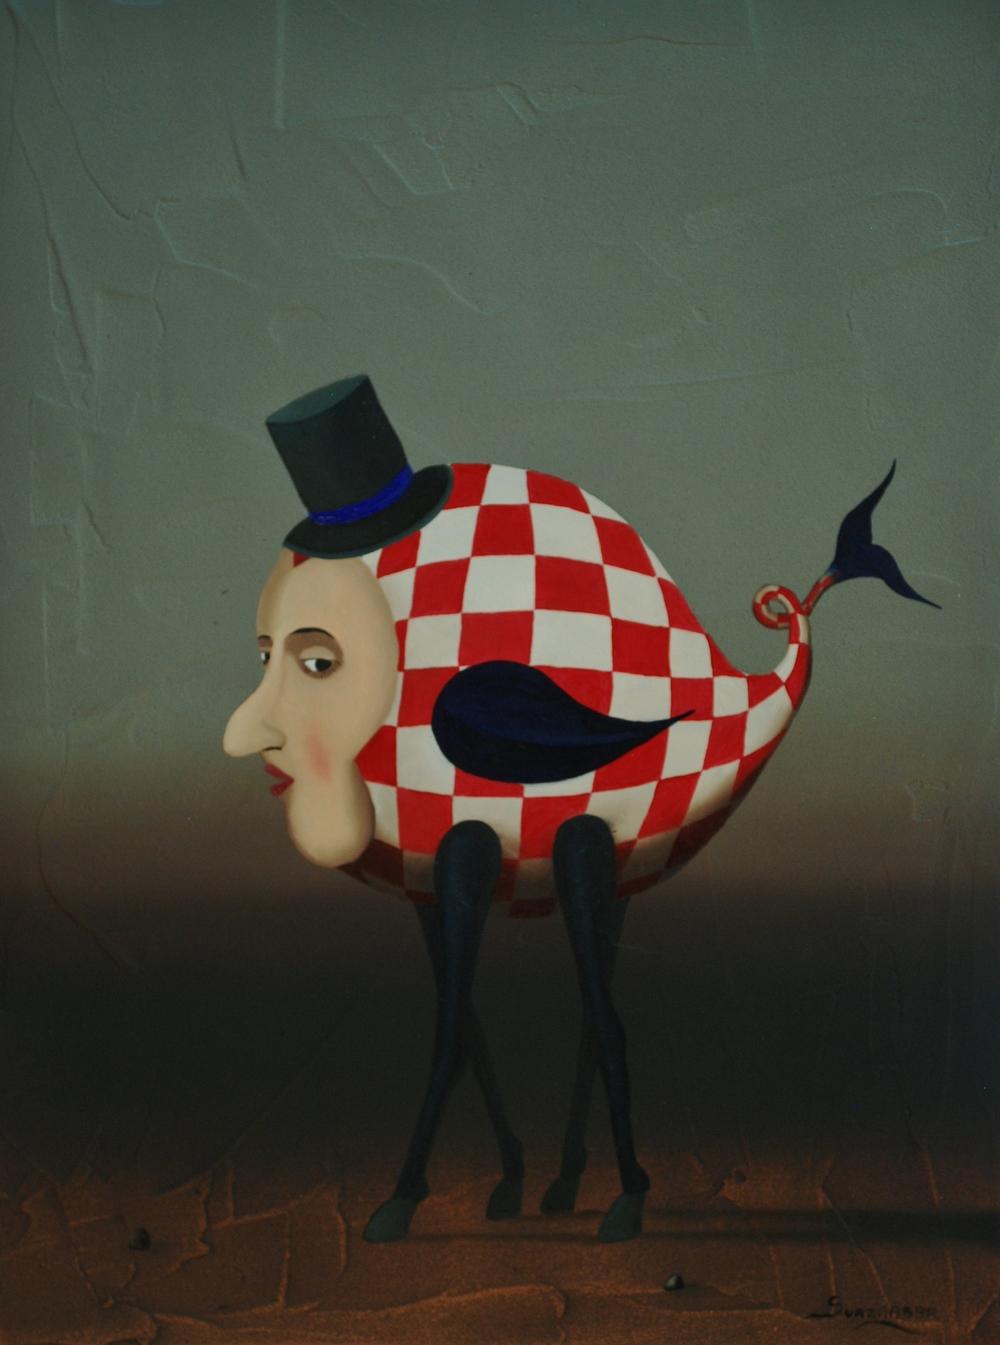 El Sombrero (The Hat)